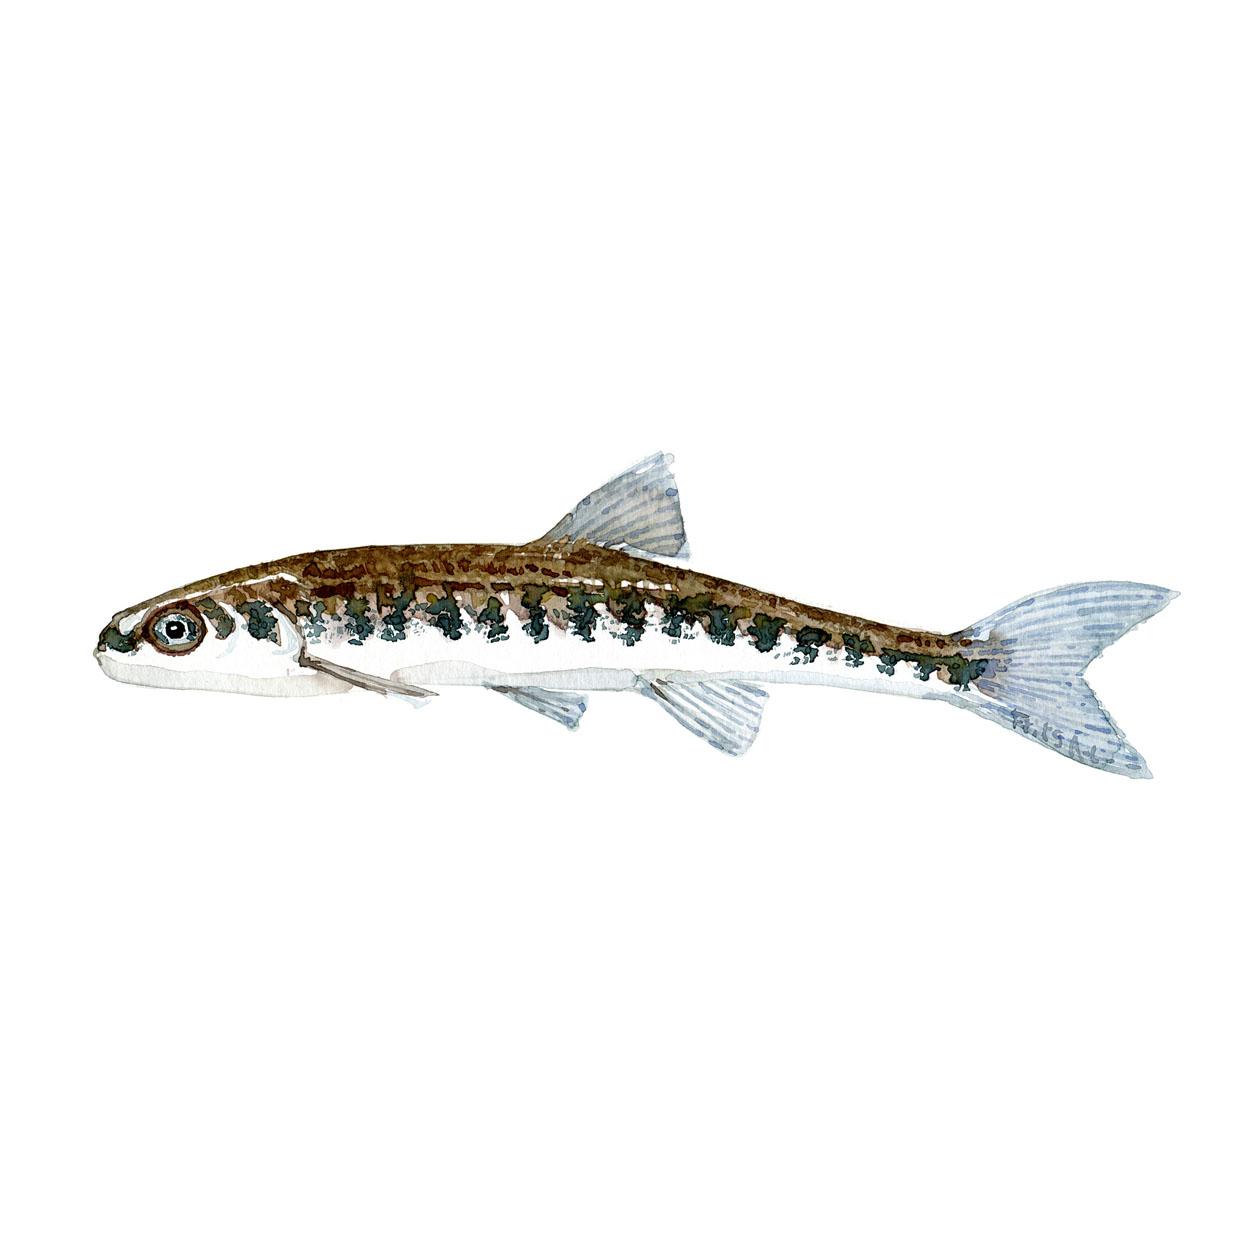 Elritse Ferskvandsfisk og biodiversitet i Danmark Akvarel af Frits Ahlefeldt